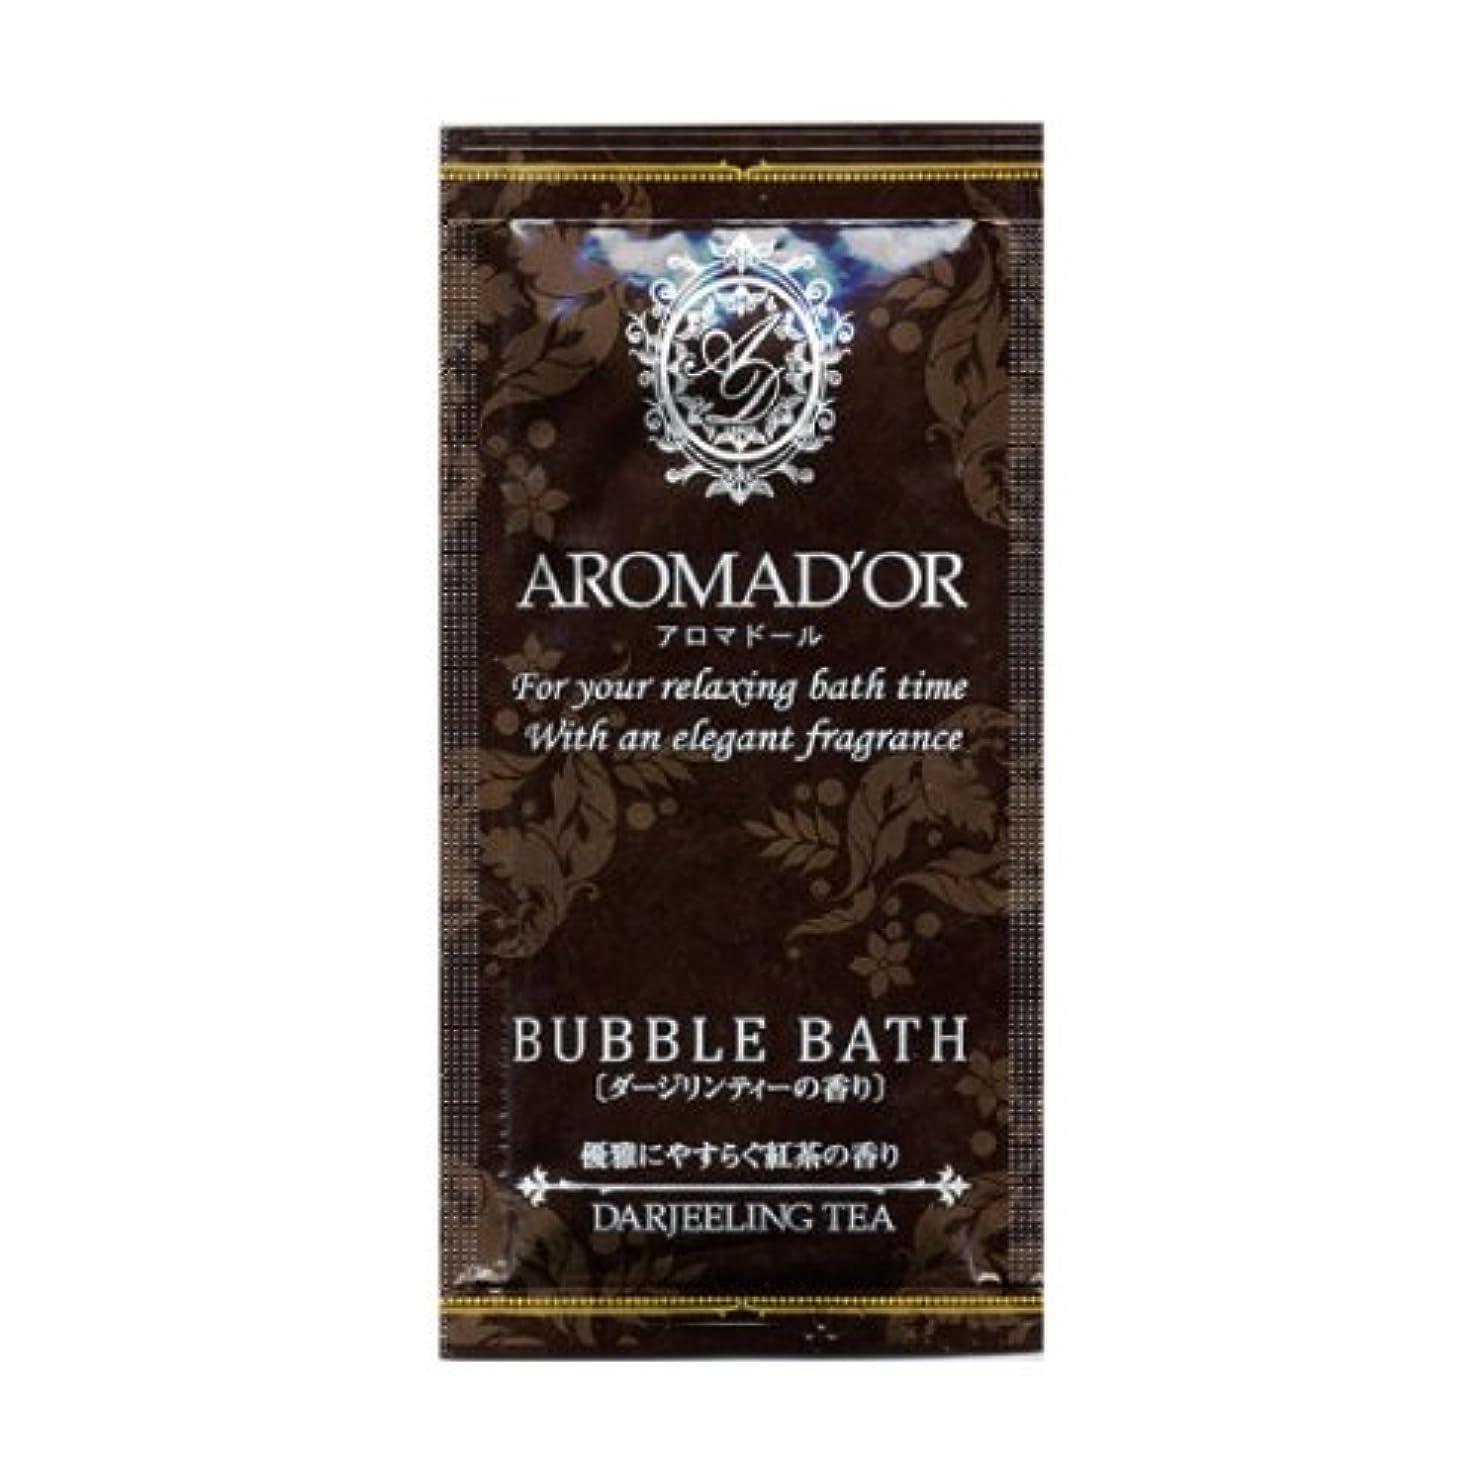 出身地発明する胃アロマドール バブルバス ダージリンティーの香り 12包